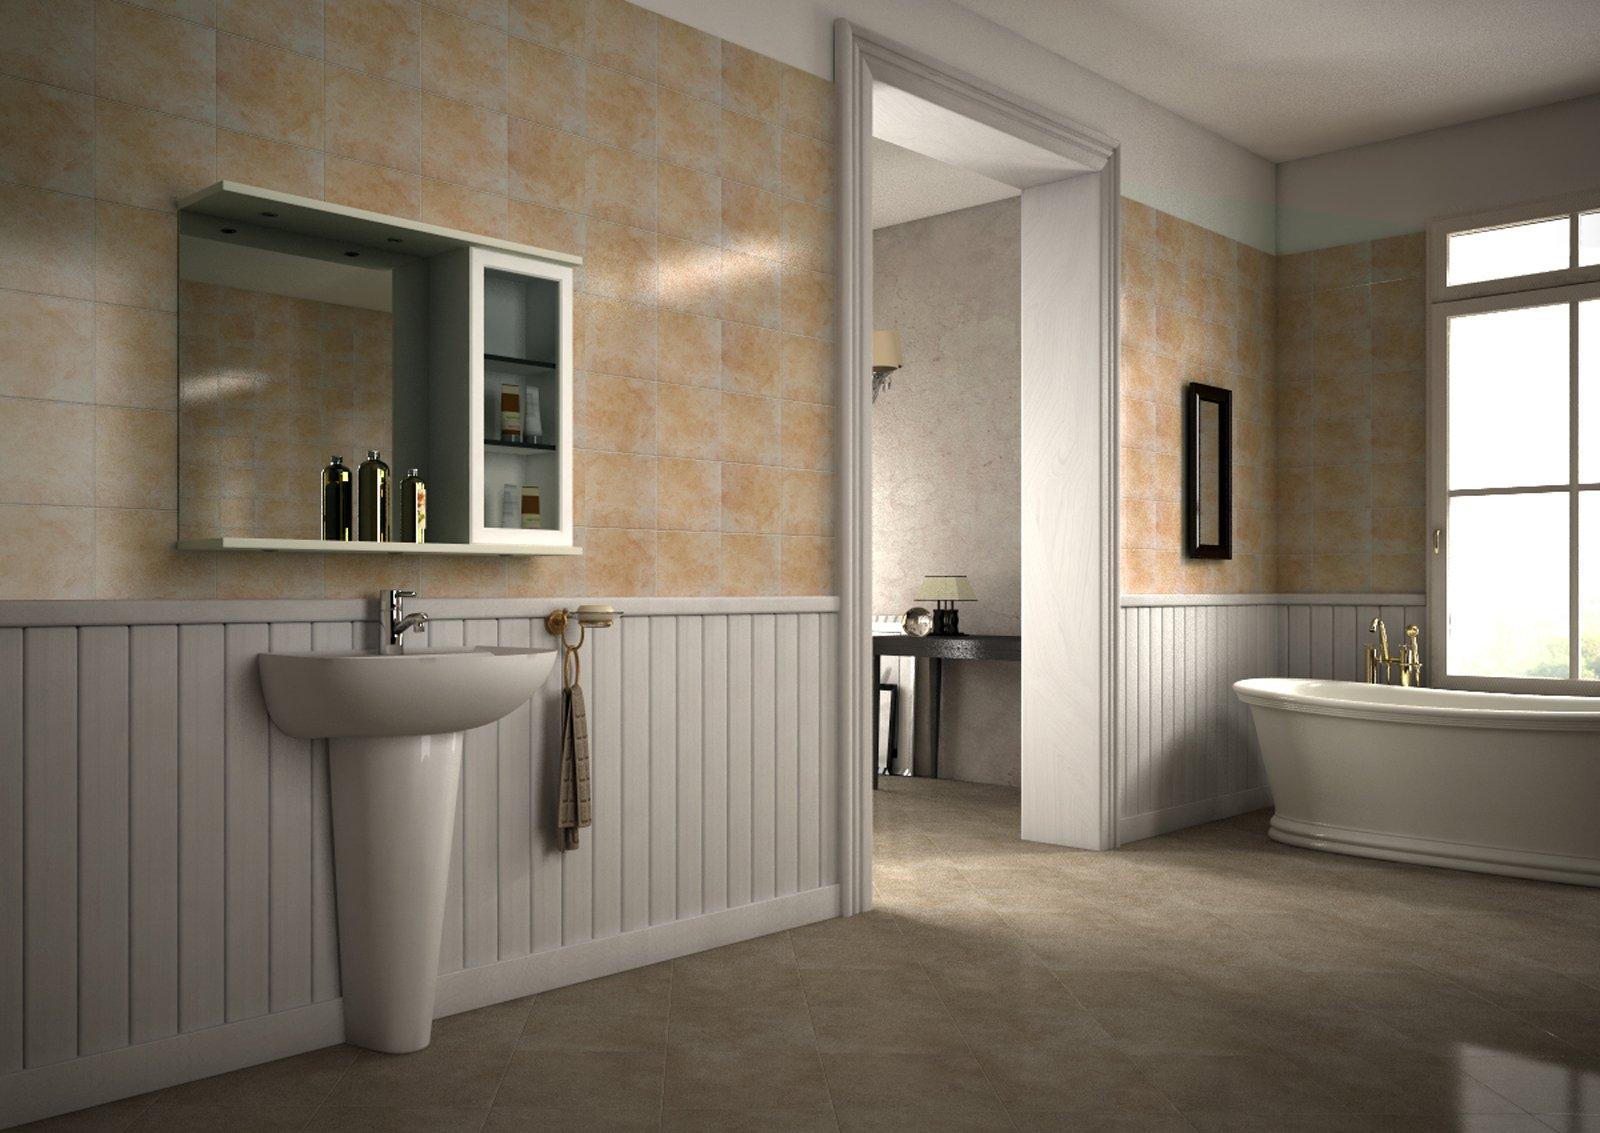 Rinnovare il bagno senza togliere le piastrelle - Immagini piastrelle bagno ...